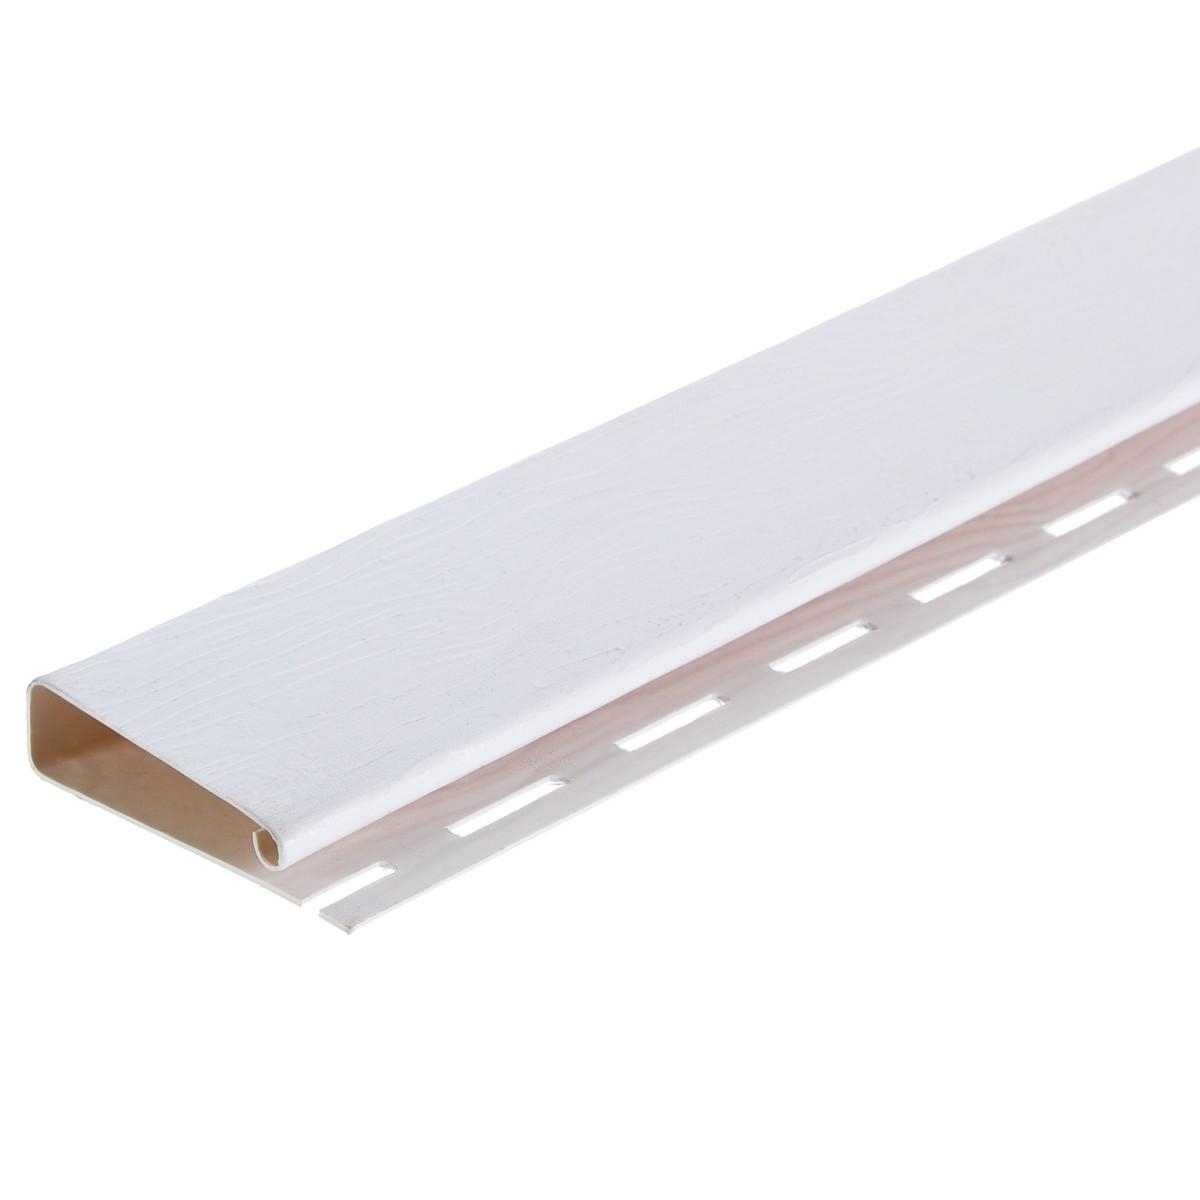 J-профиль 3660 мм широкий Country Standart цвет белый